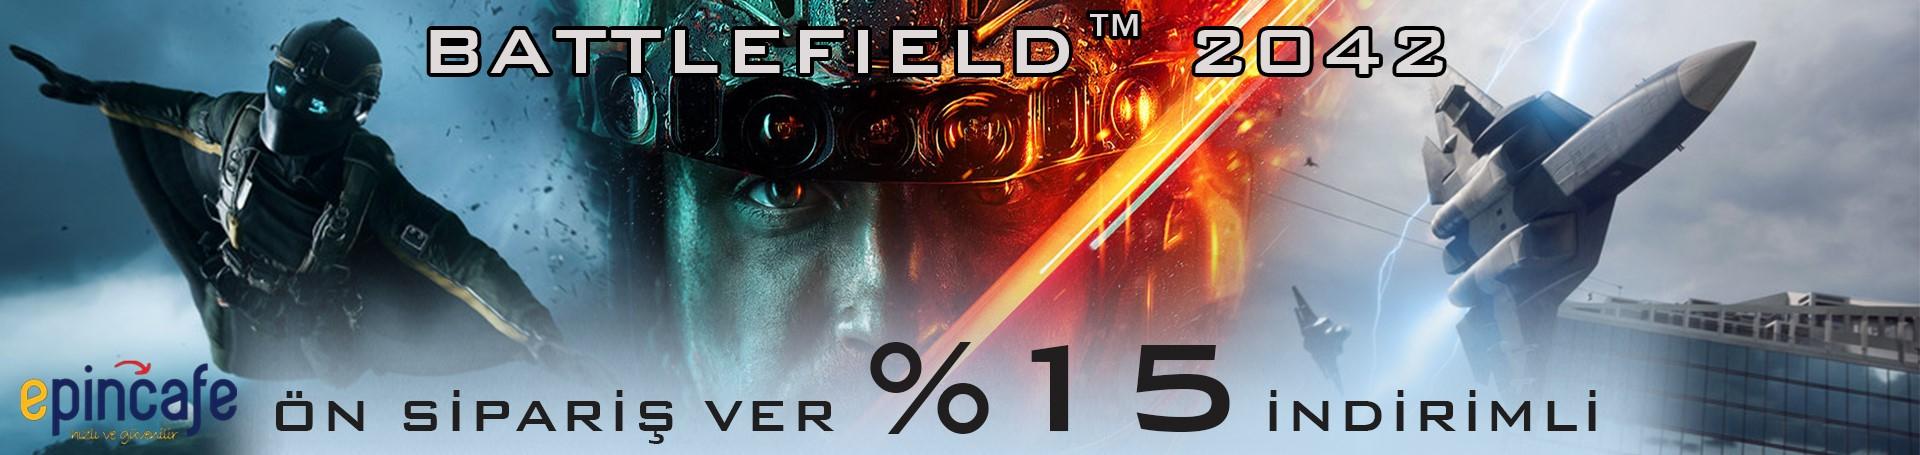 Battlefield™ 2042 için ön sipariş ver